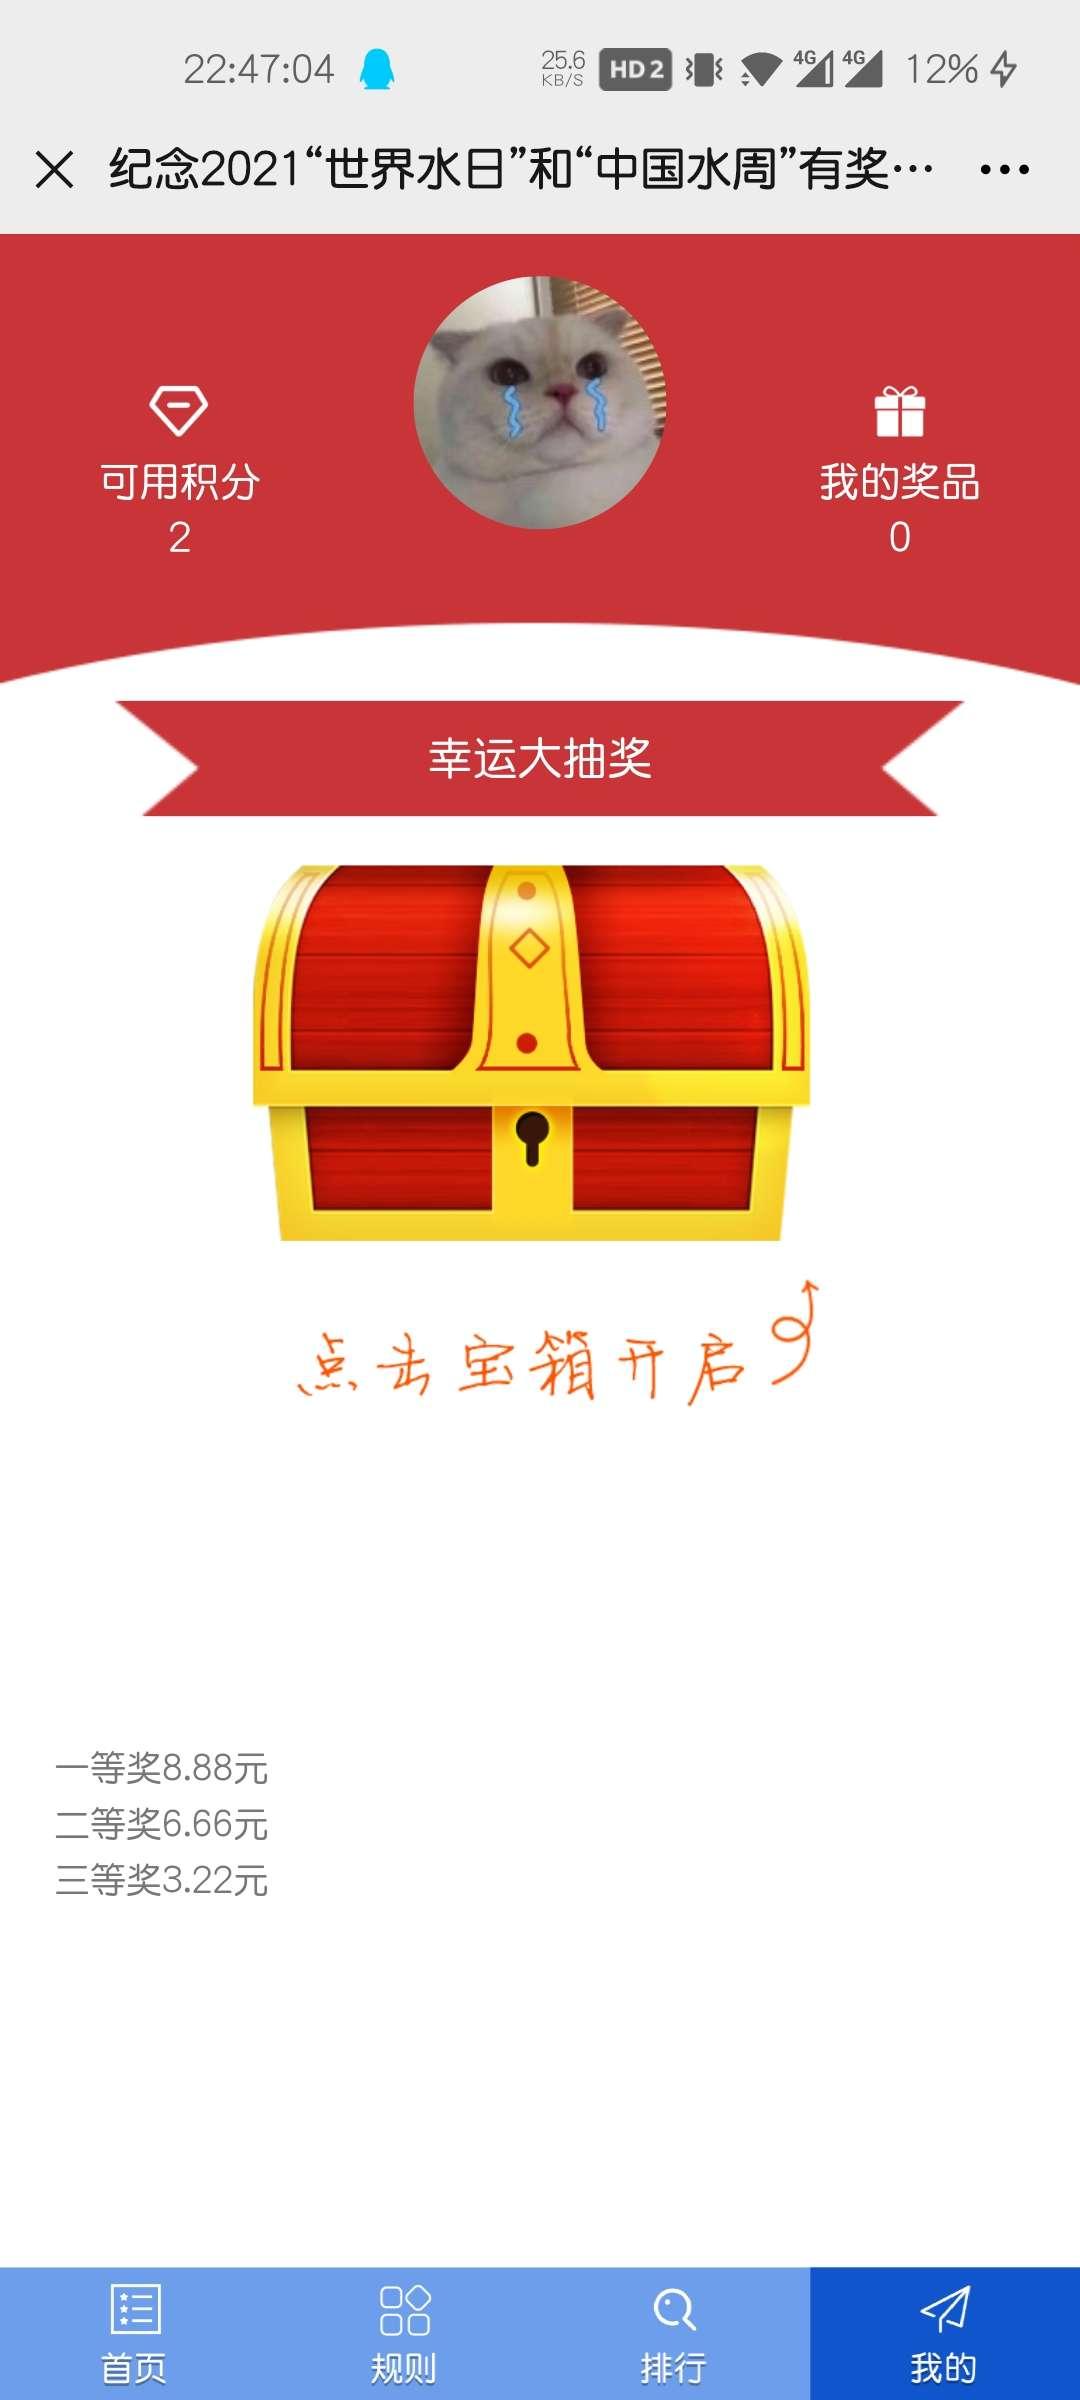 世界水日有奖问答抽红包